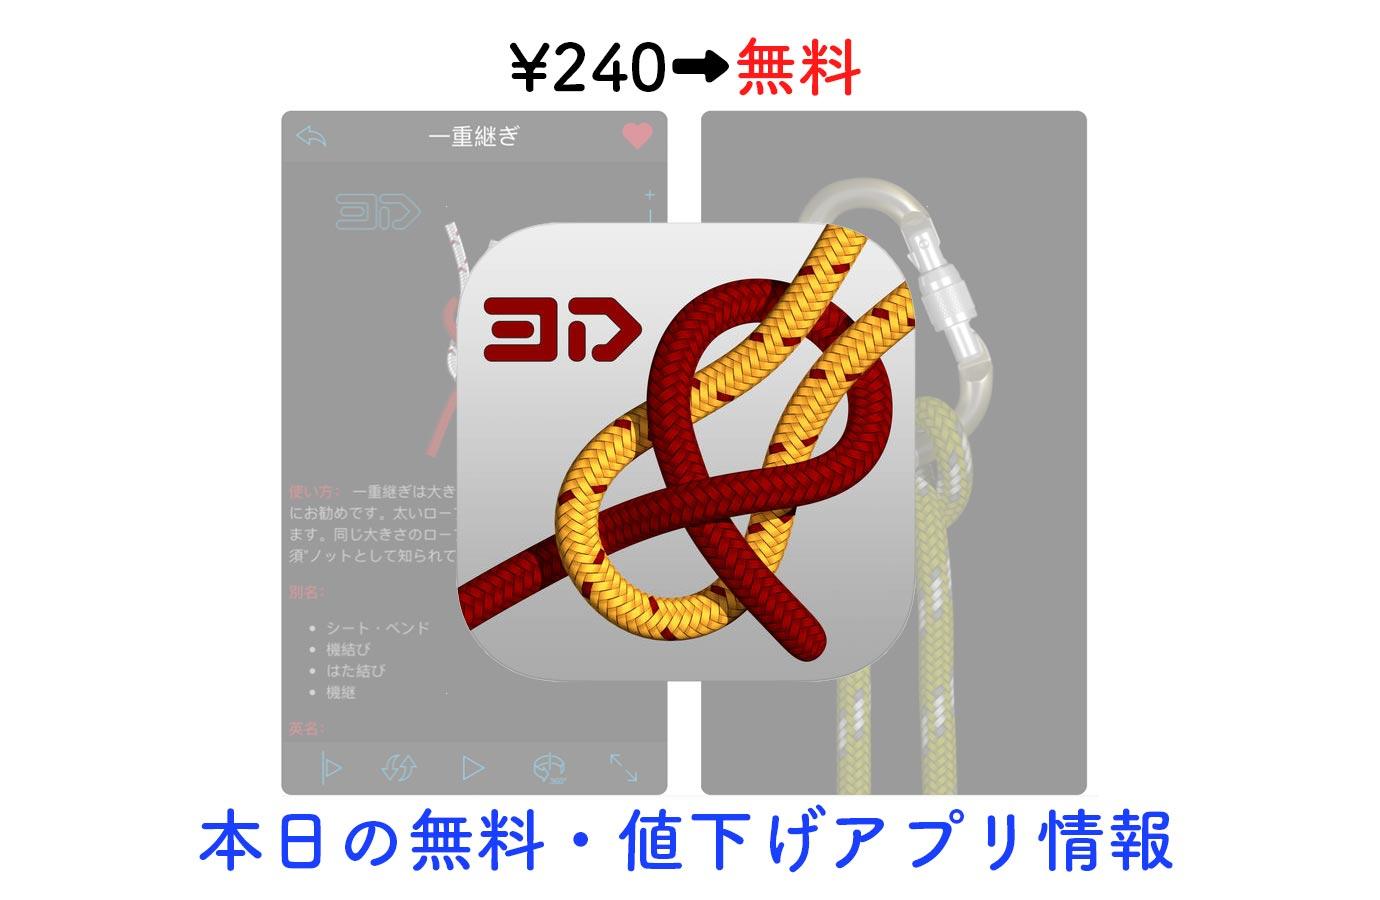 240円→無料、125種類以上のロープの結び方がわかる「Knots 3D」など【5/7】セールアプリ情報